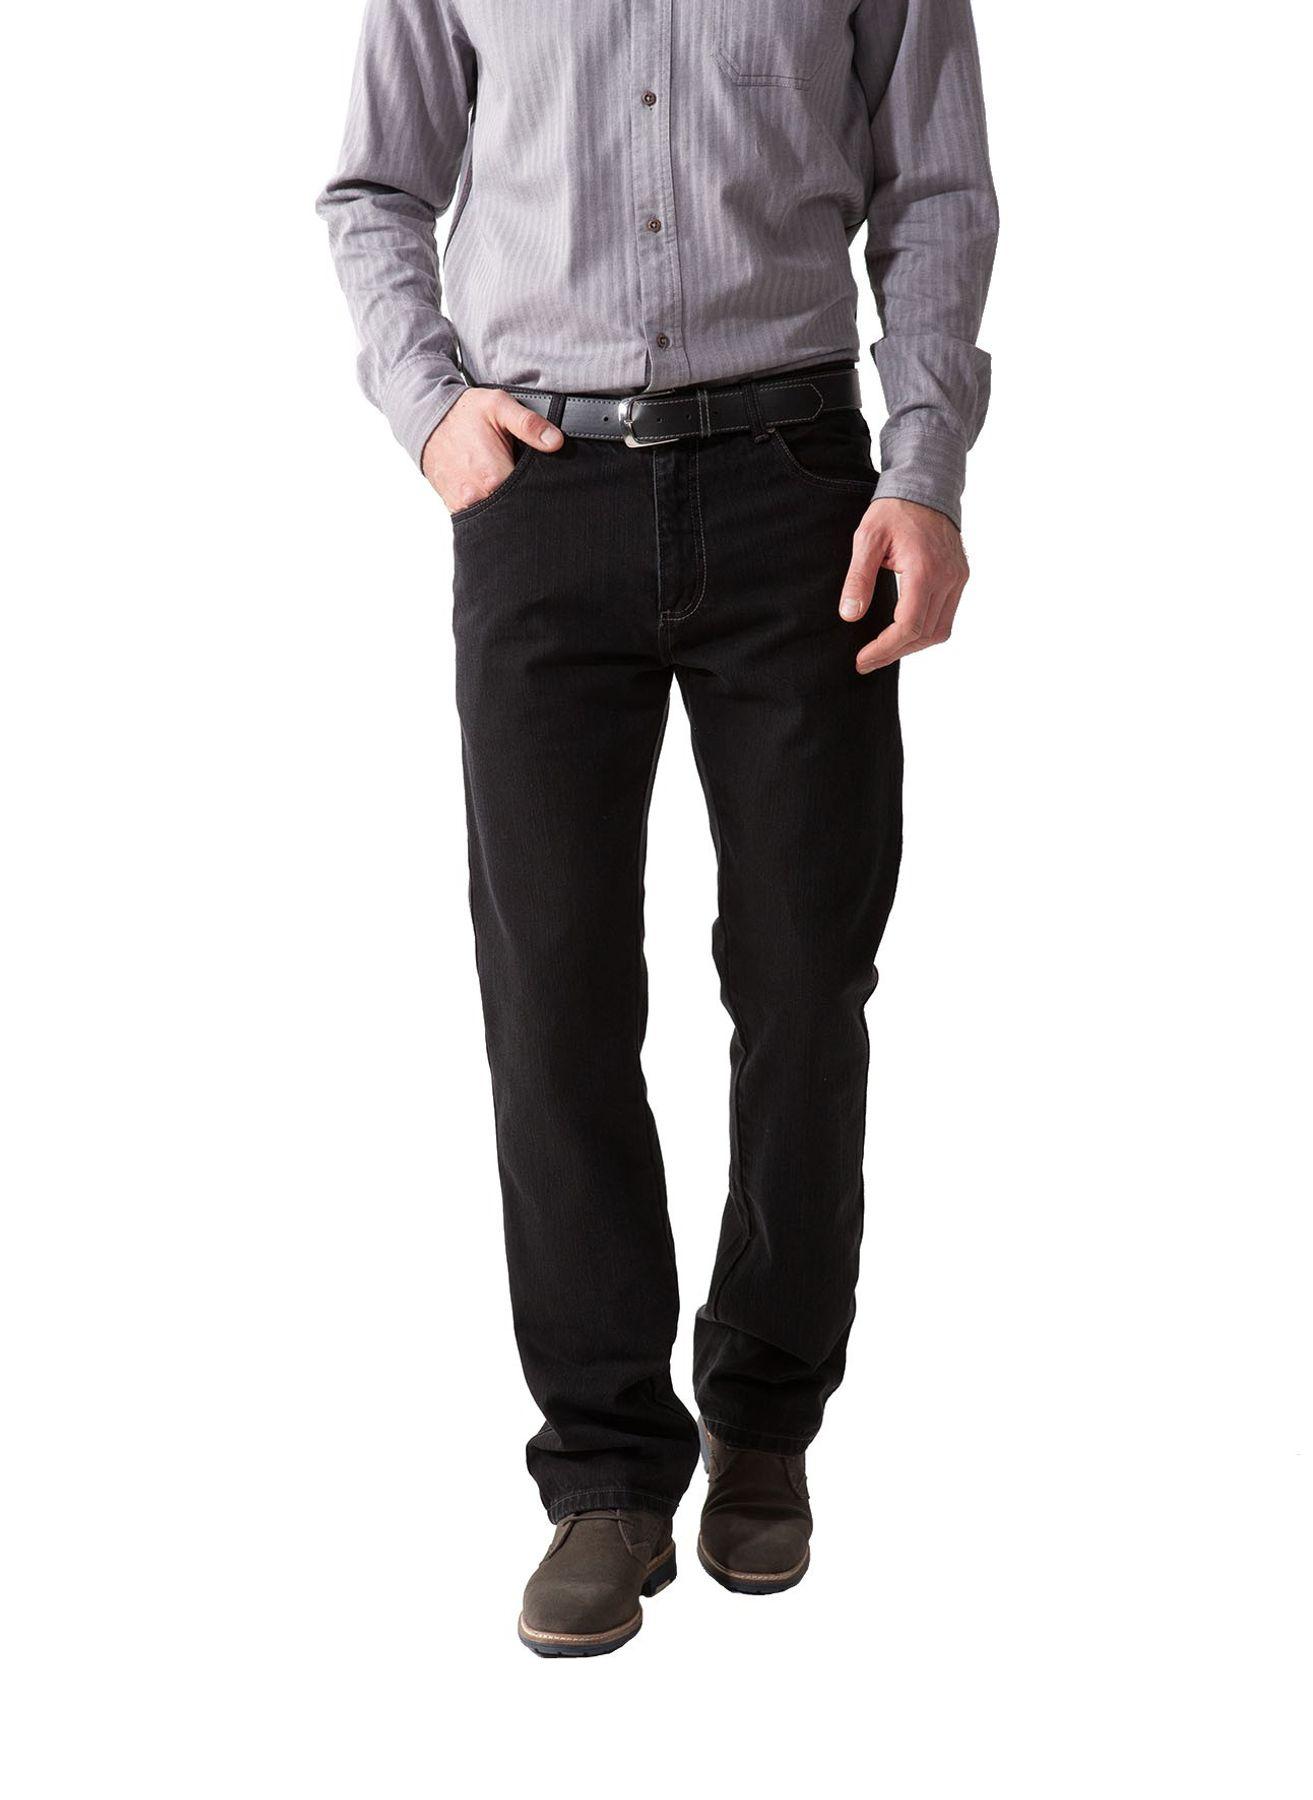 Herren 5-Pocket Jeans mit Stretch in Schwarz oder Blau – Bild 1